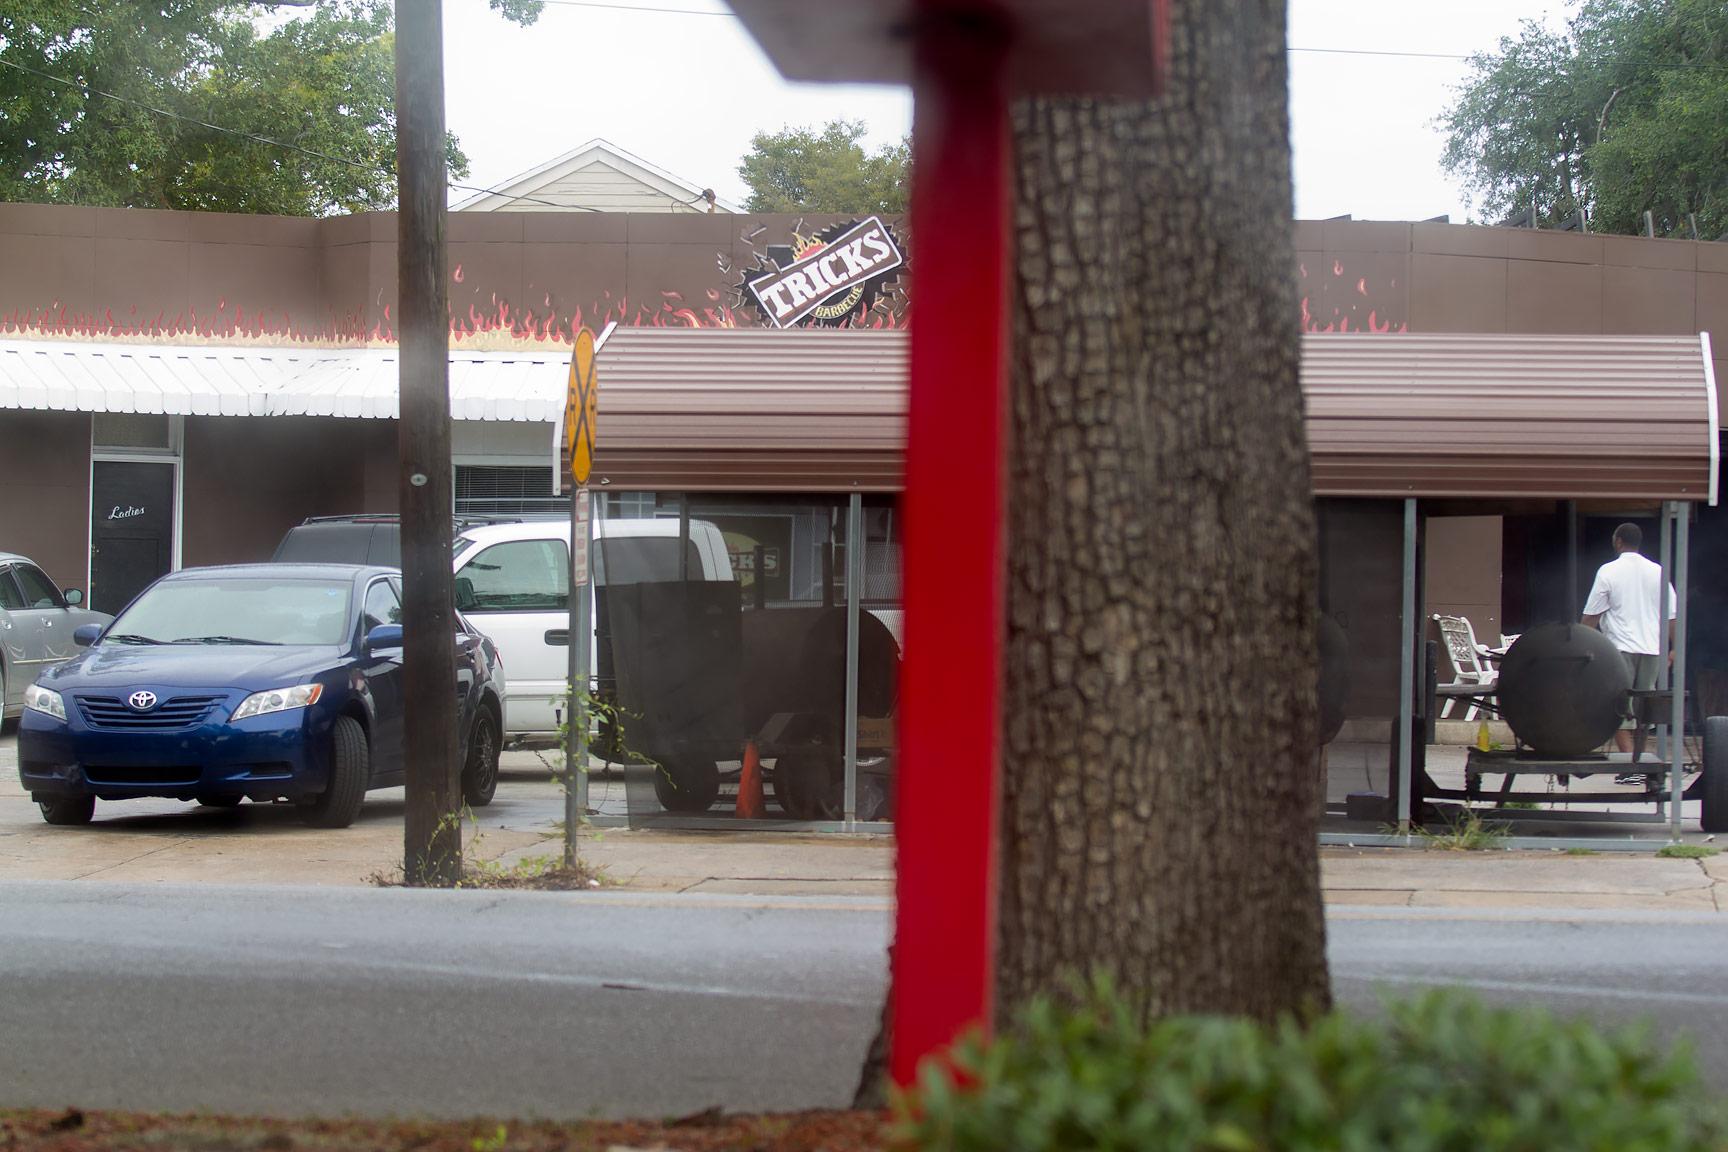 Trick's, Savannah, GA